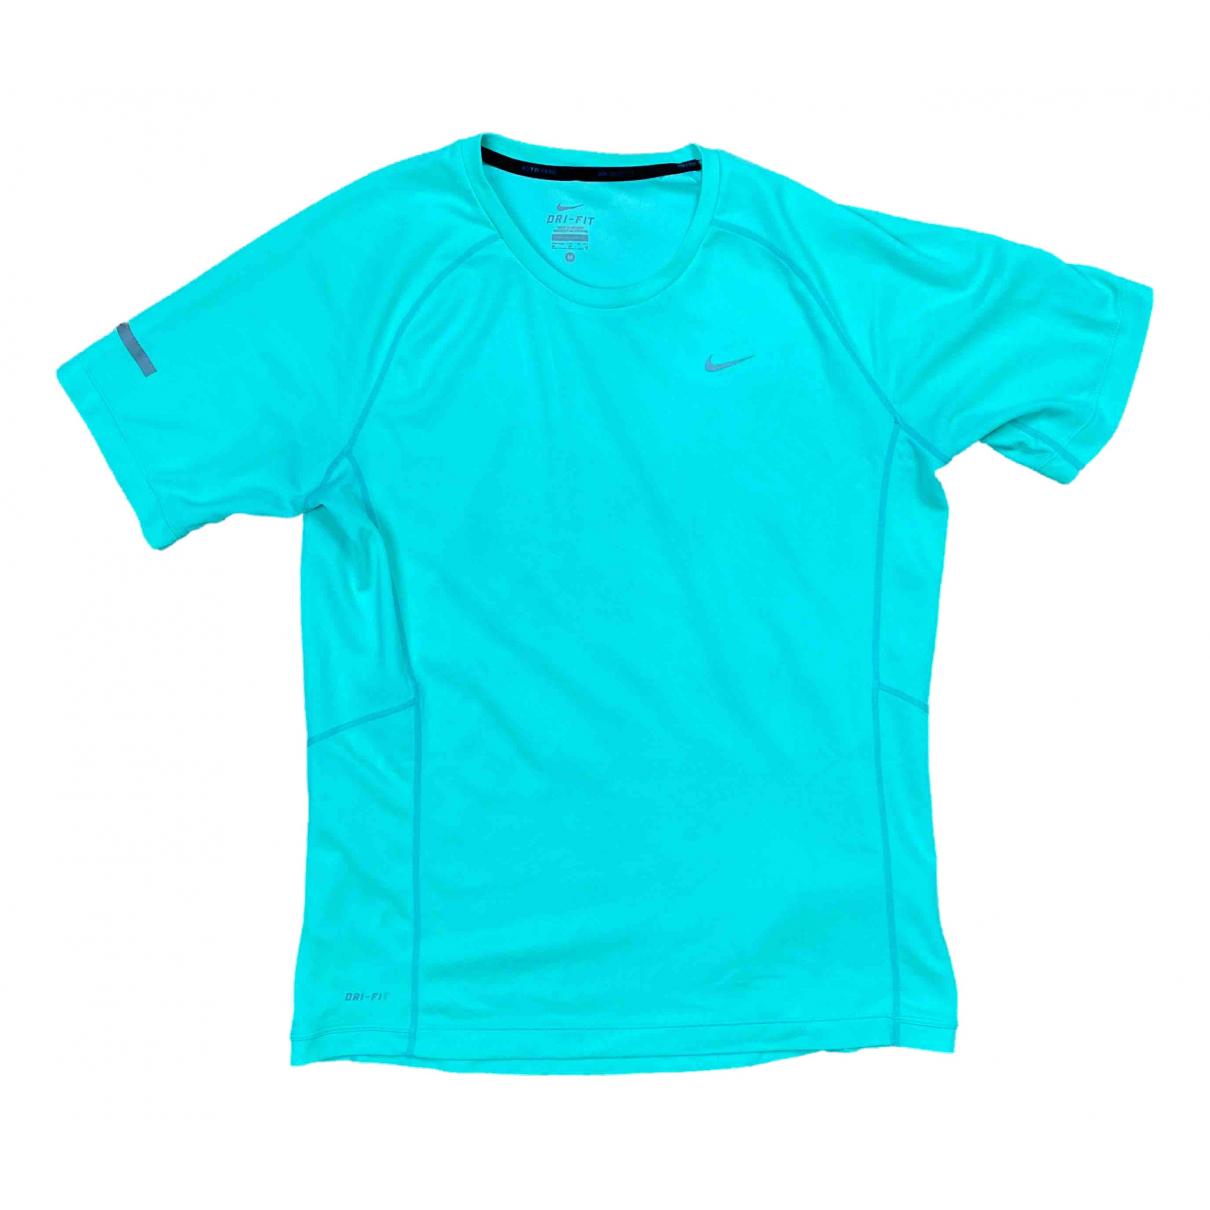 Nike \N Knitwear & Sweatshirts for Men M International